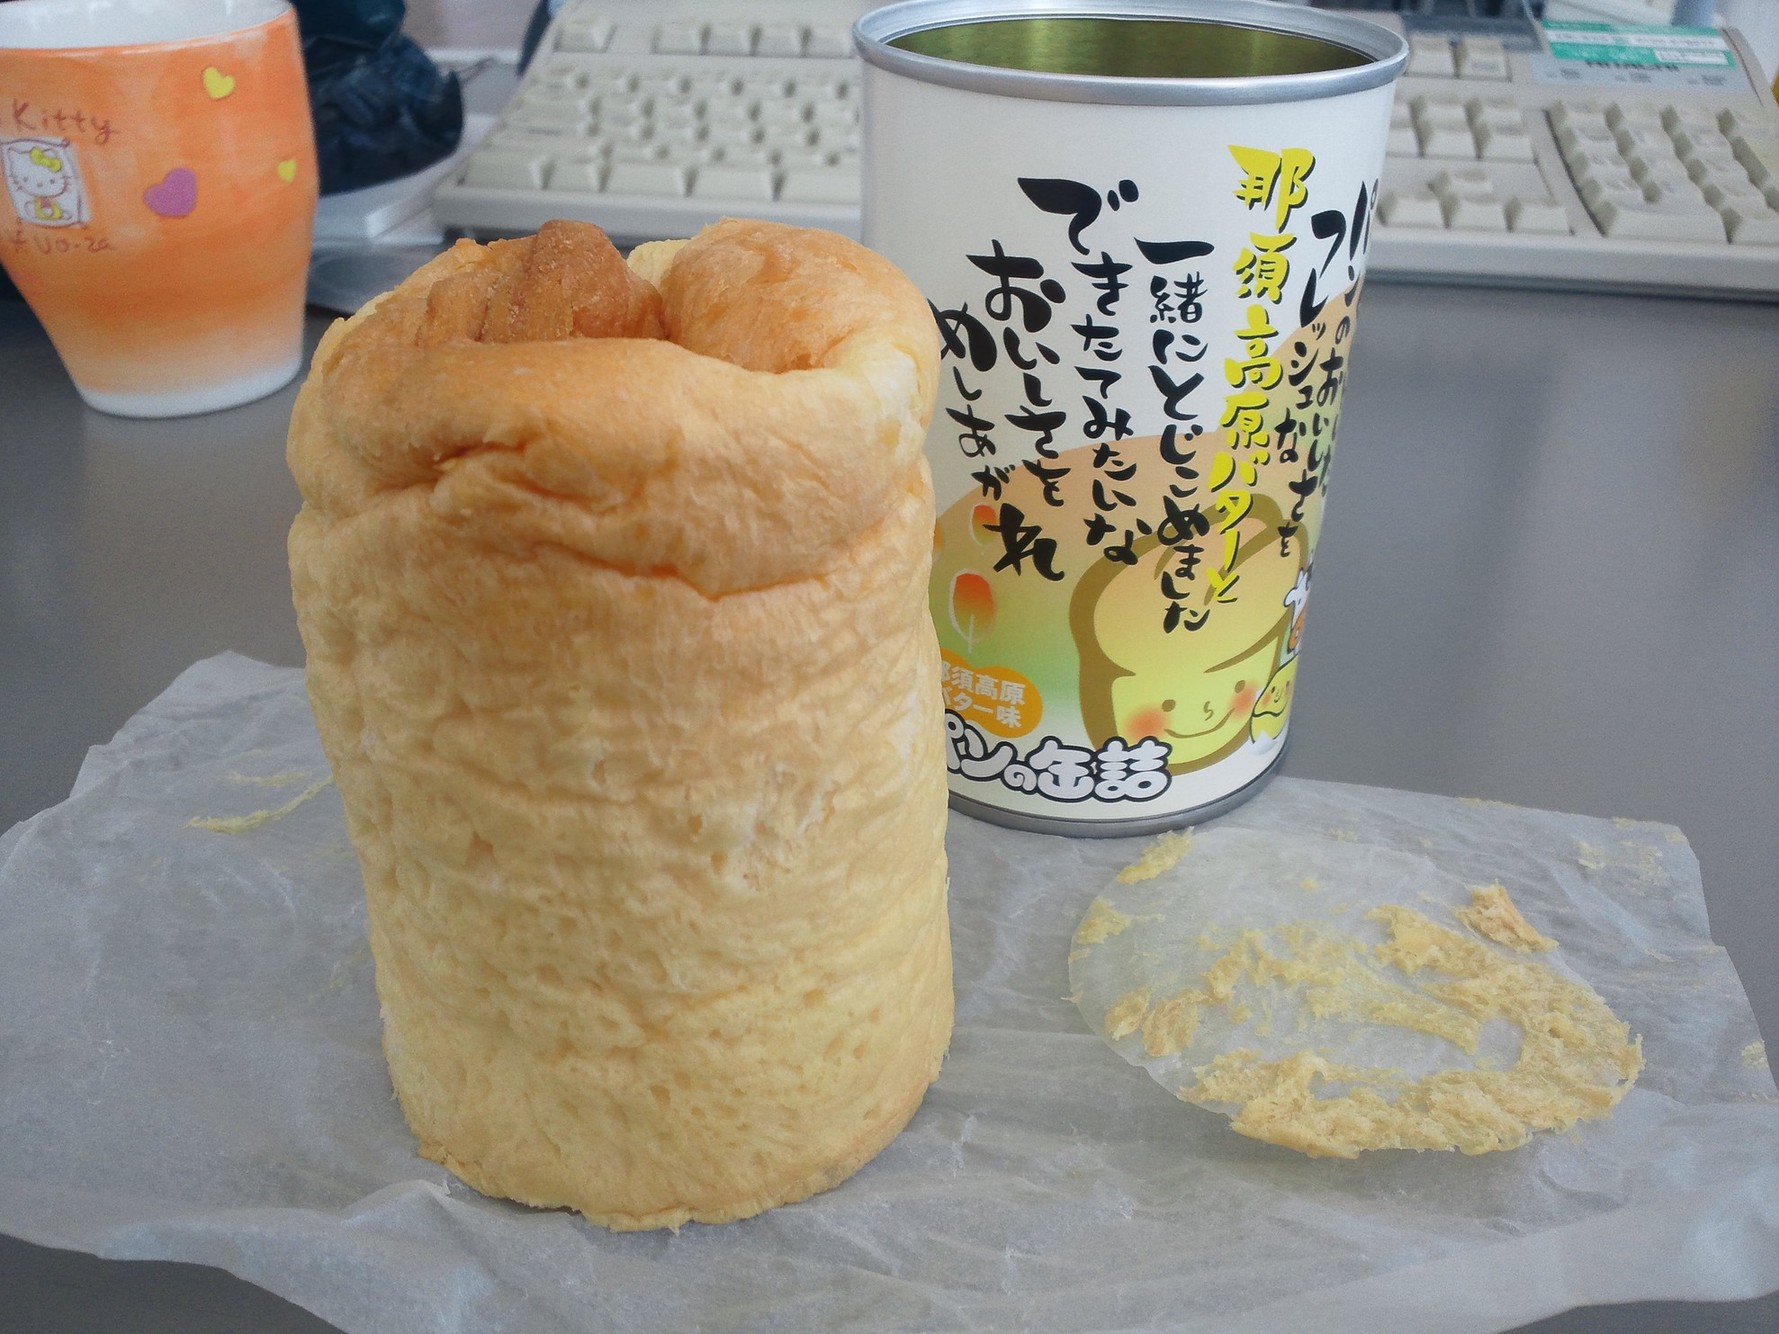 パン アキモト 黒磯店 name=